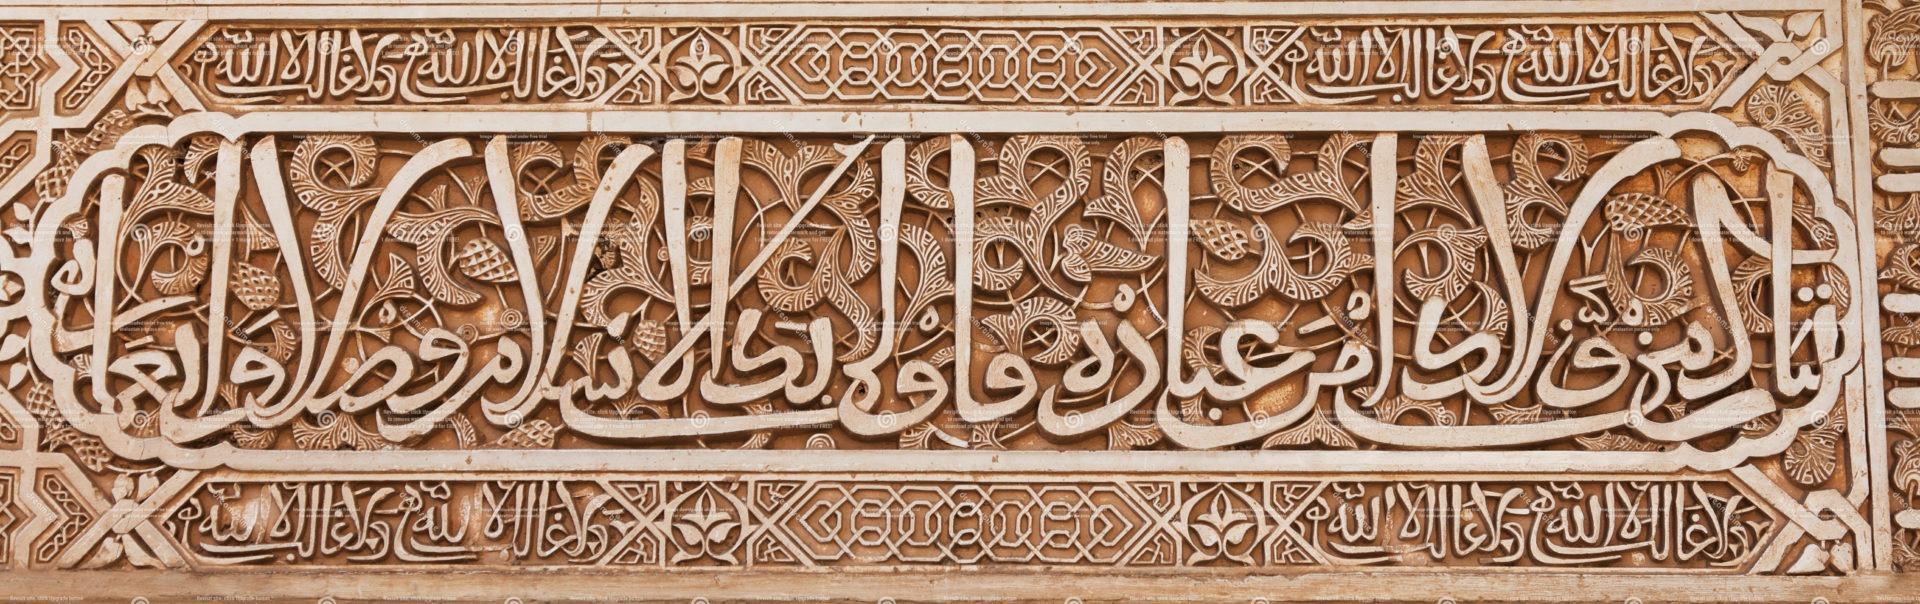 Atelier d'initiation à la langue arabe